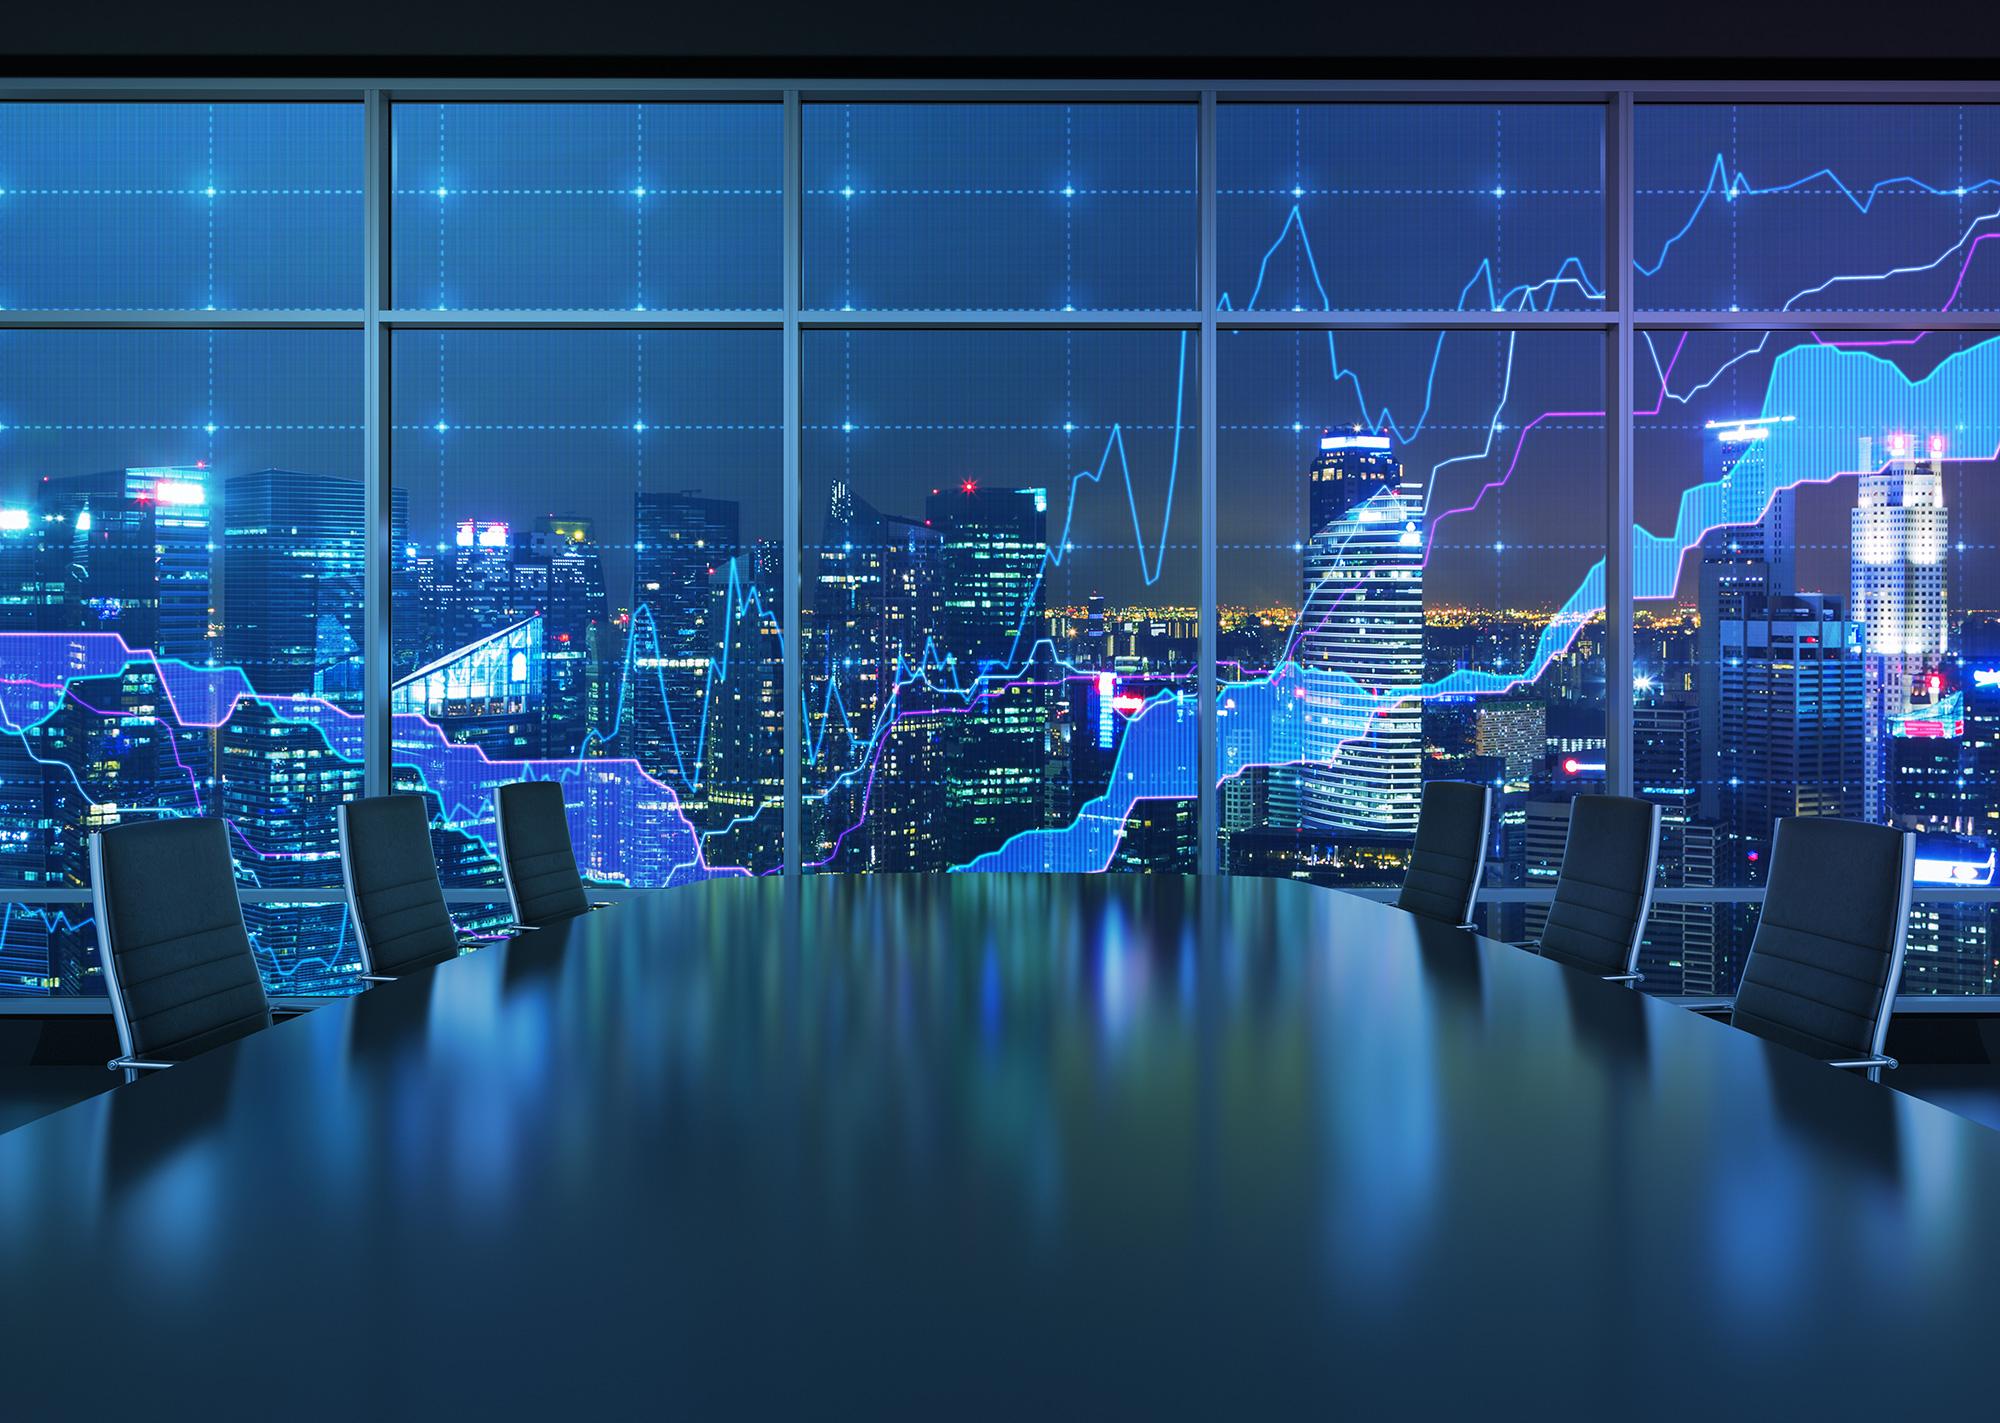 Trading Business - 今日は、「で、不安定な株相場で活にはどうすればいいの?」について考えた。